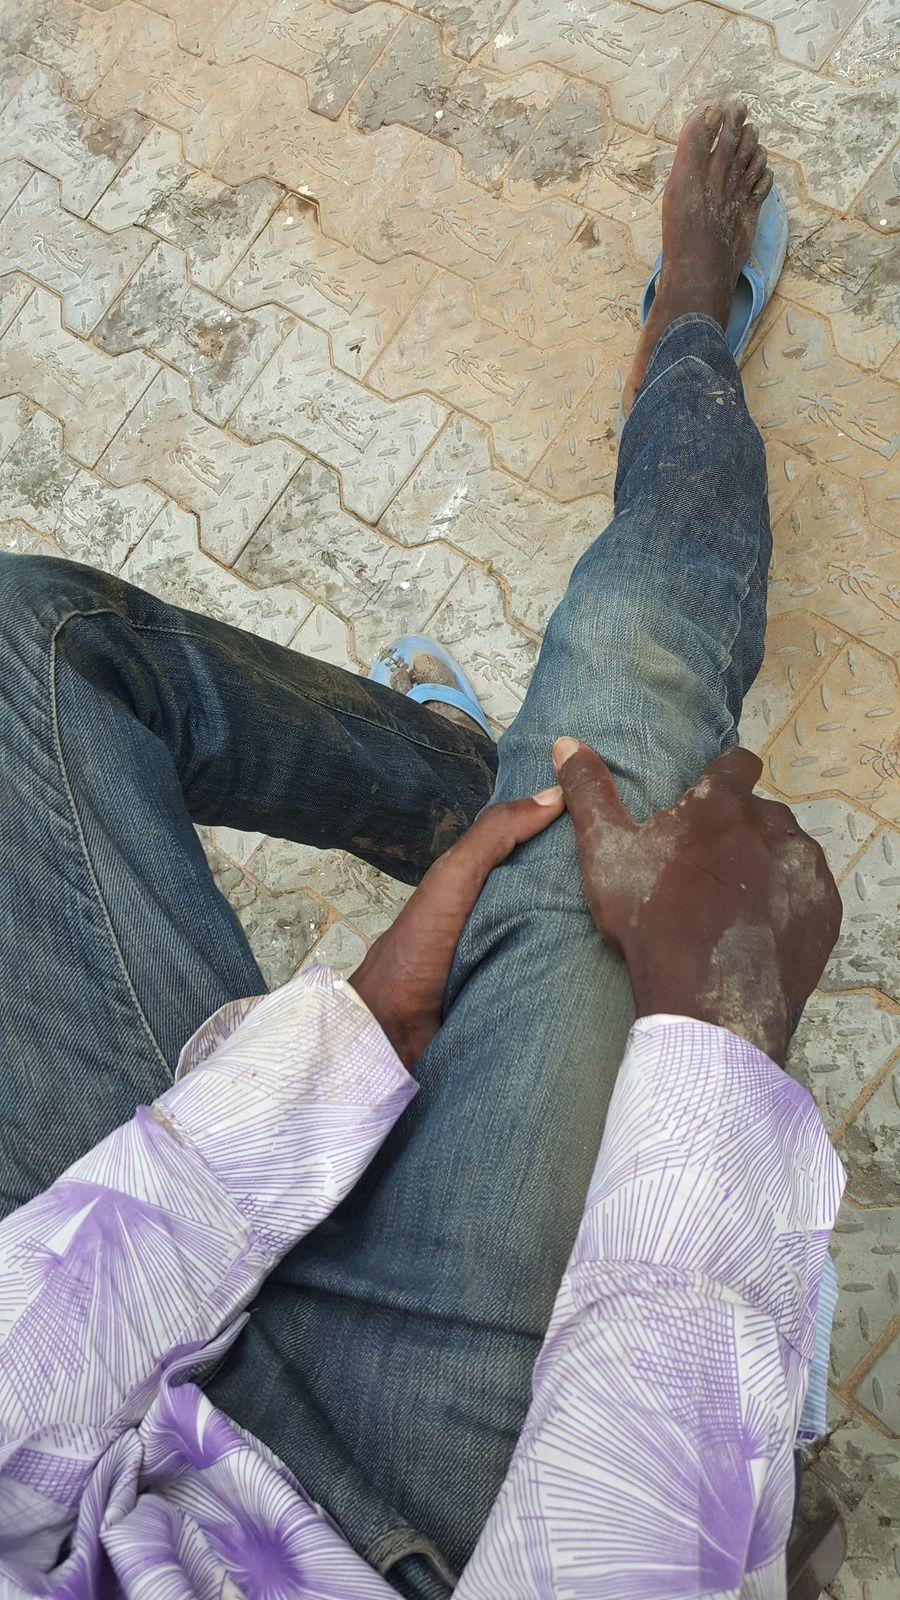 Répression sanglante au Tchad : le régime d'Idriss Deby a franchi un nouveau palier dans ses pratiques liberticides